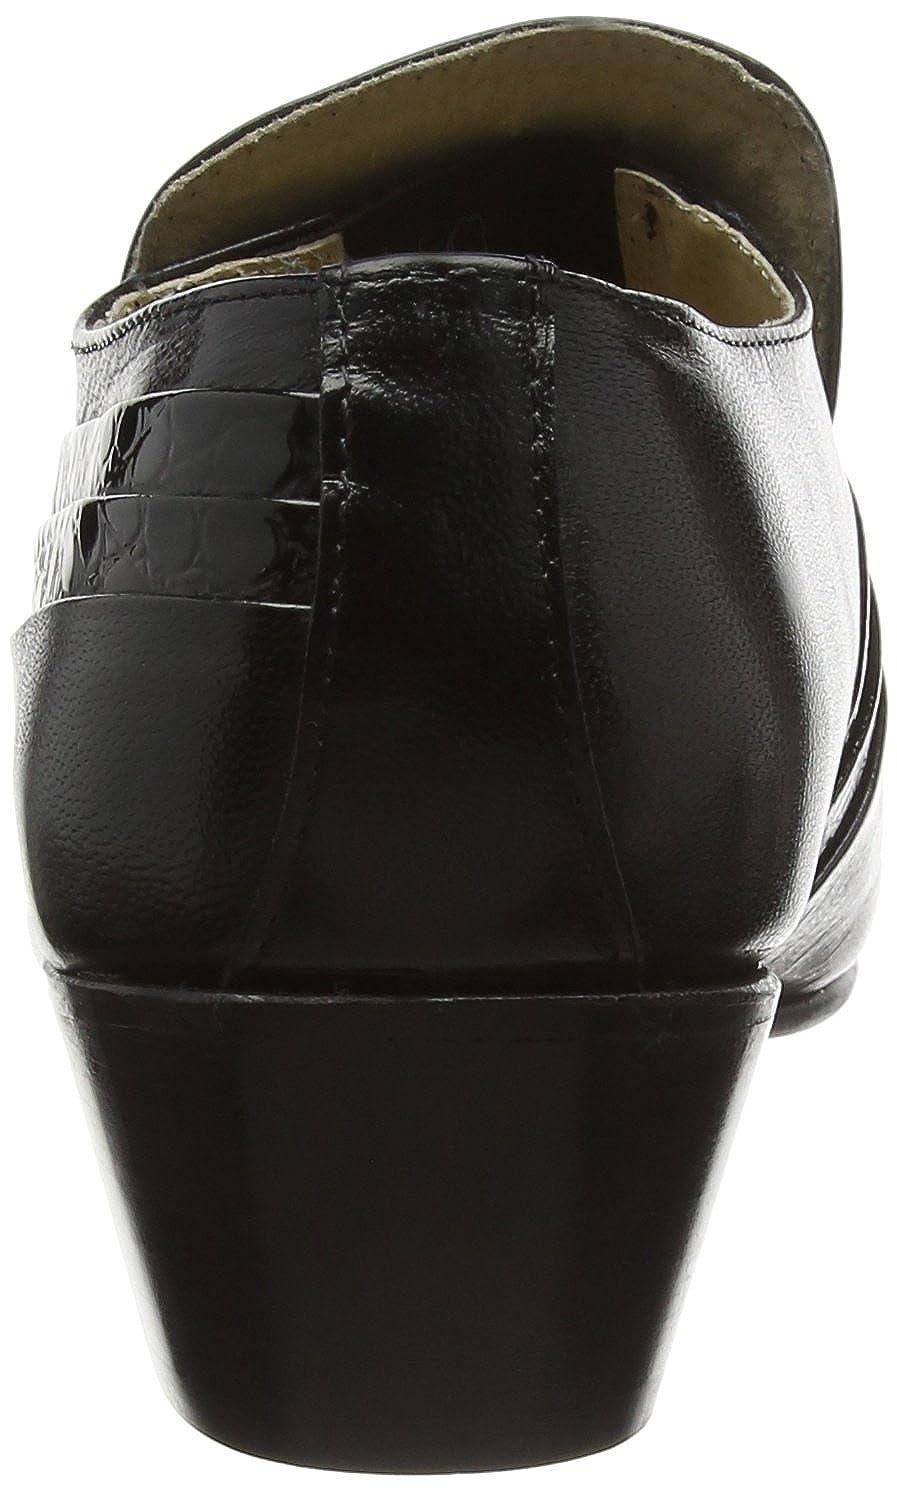 Herren Vamp schwarz Reptil Muster, gefaltet, Vamp Herren Tab Casual Schuh Schwarz 8411bc